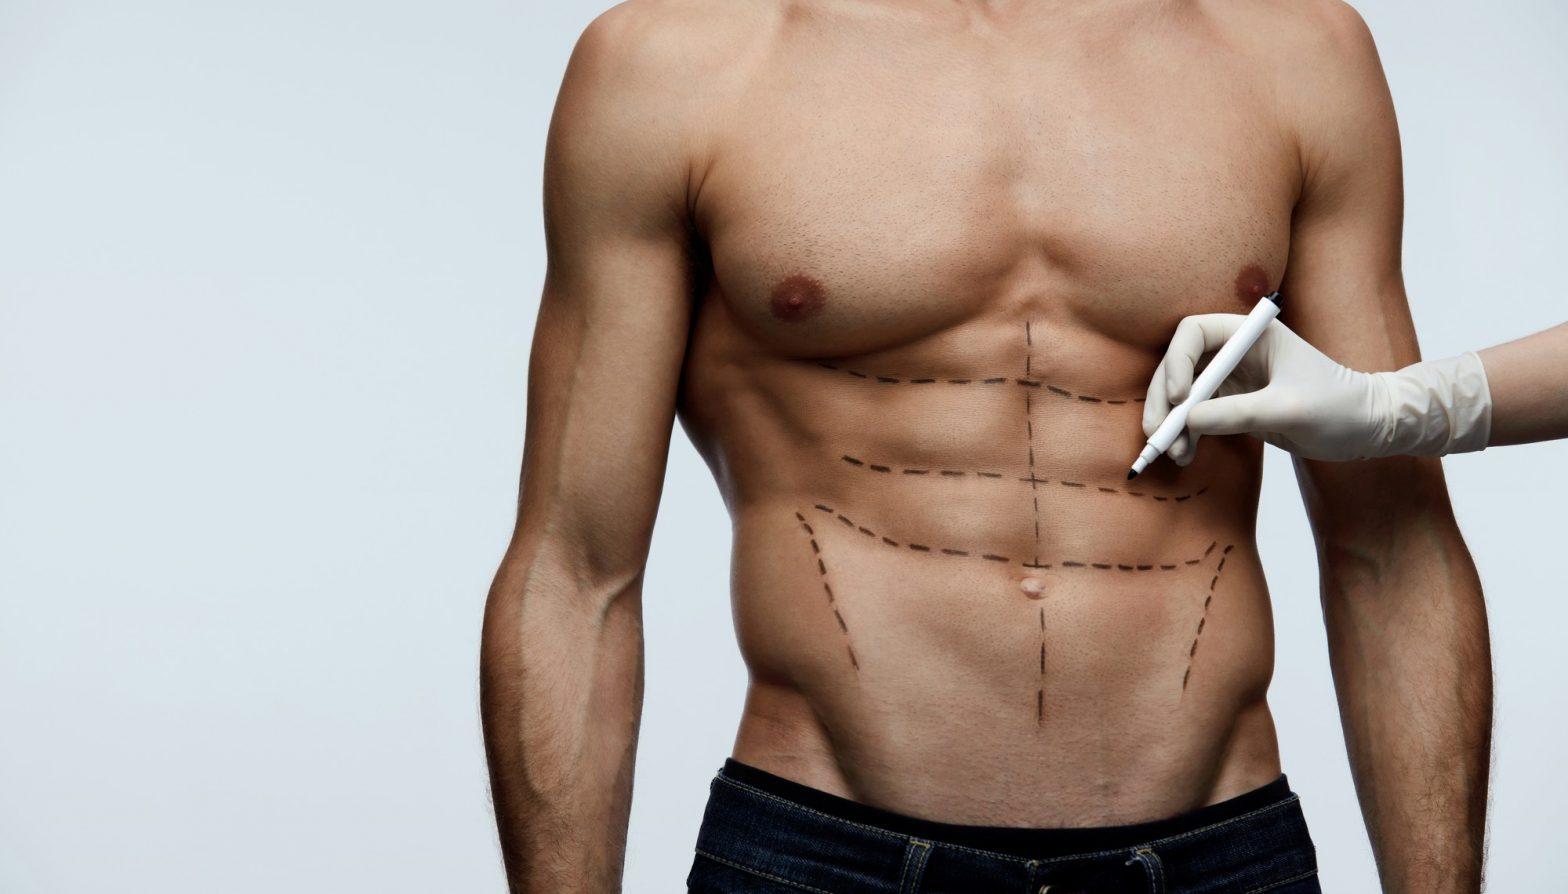 Vaser Liposuction vs Laser Liposuction